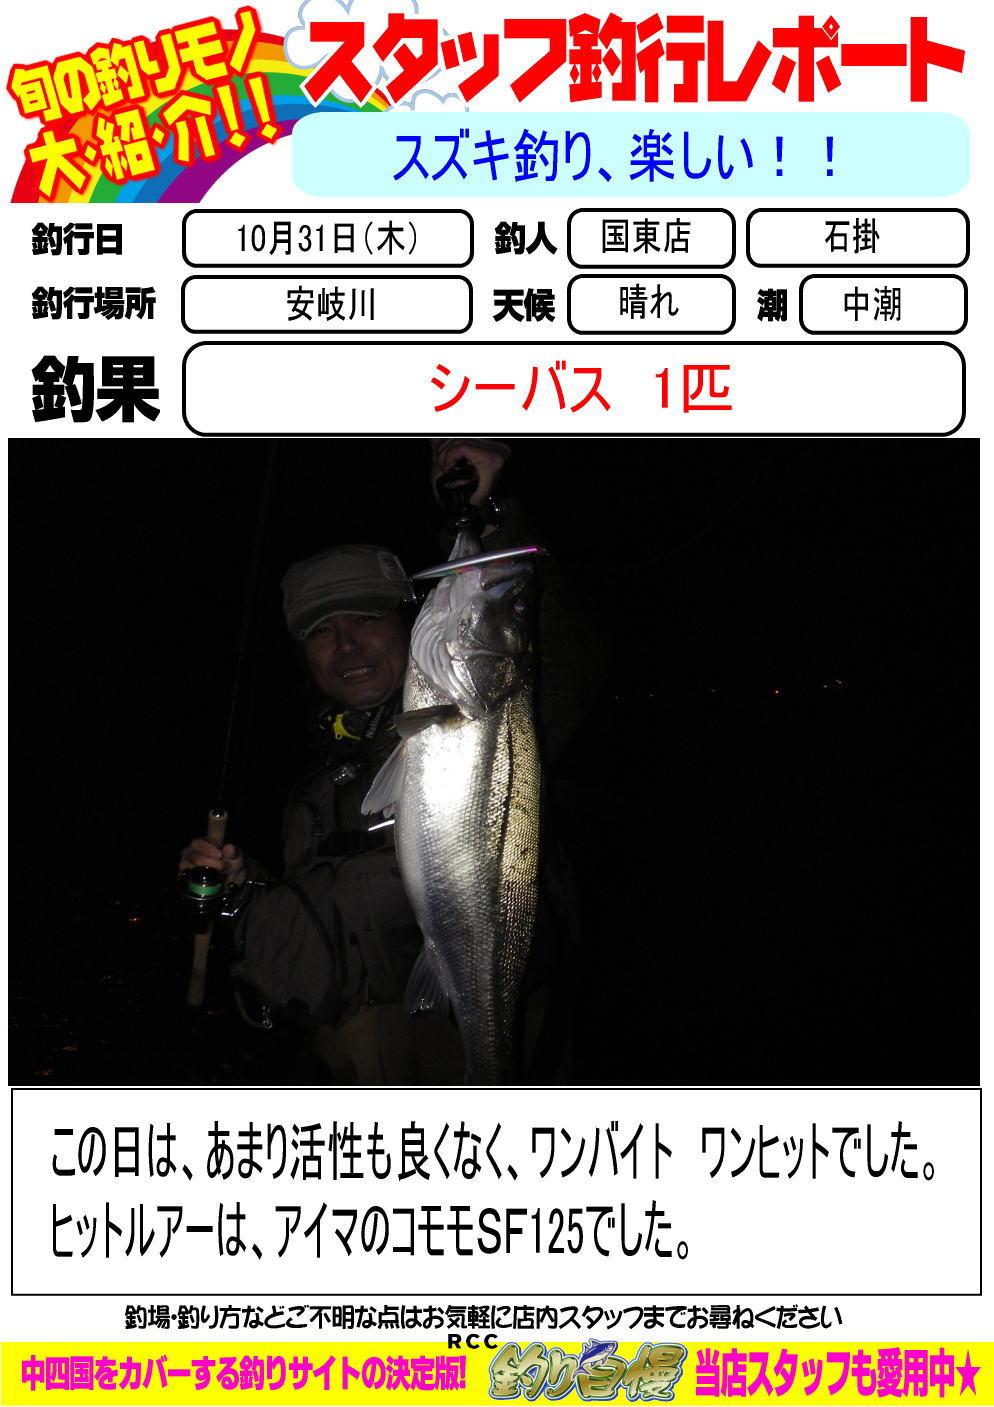 http://www.e-angle.co.jp/shop/blog/blog-20131031-kunisaki-suzuki.jpg